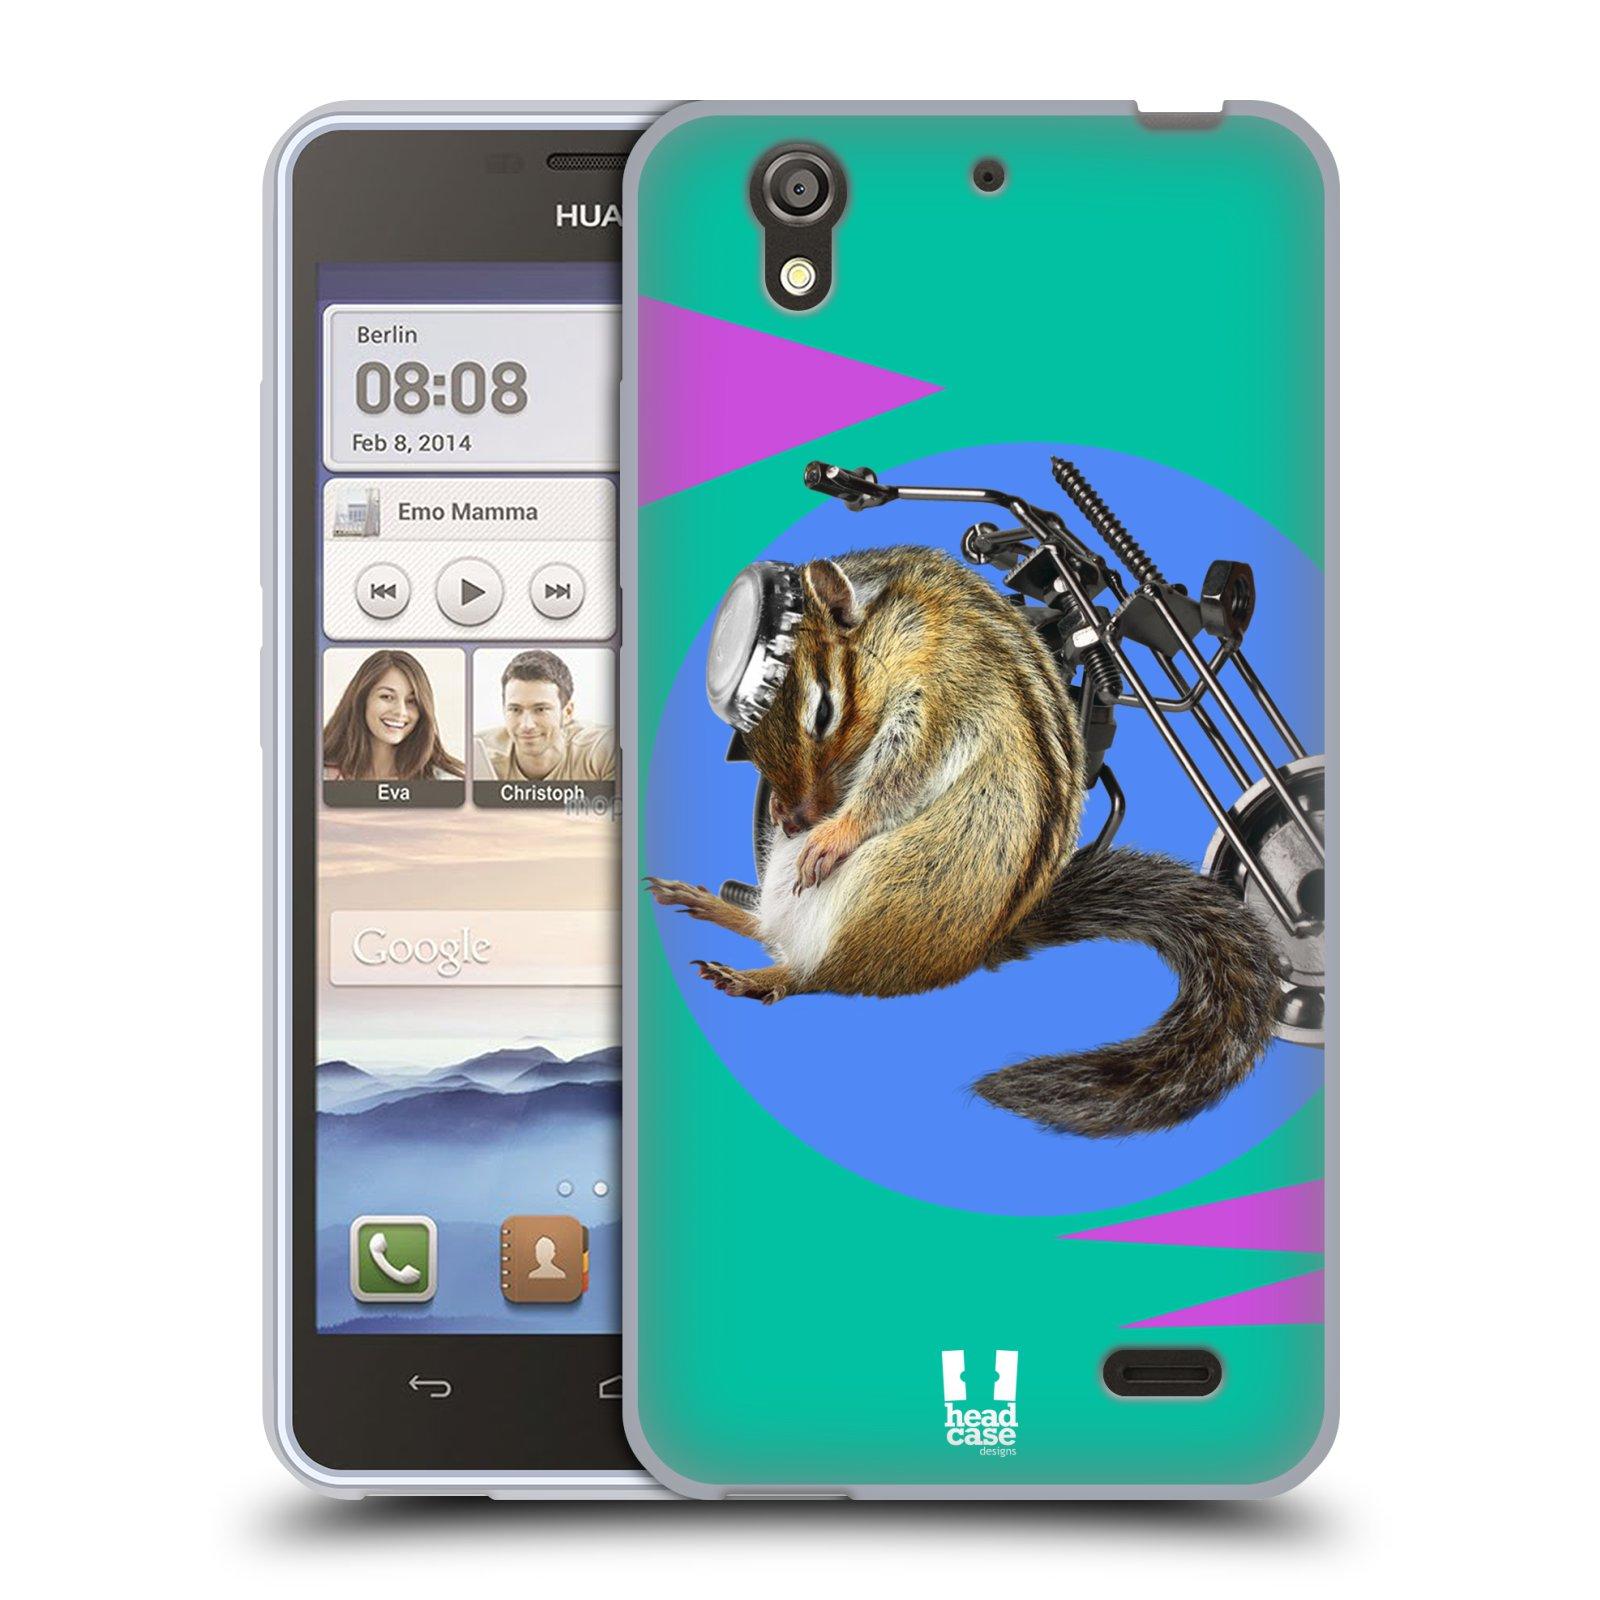 HEAD CASE silikonový obal na mobil Huawei Ascend G630 Legrační zvířátka veverka motorkář chipmunk